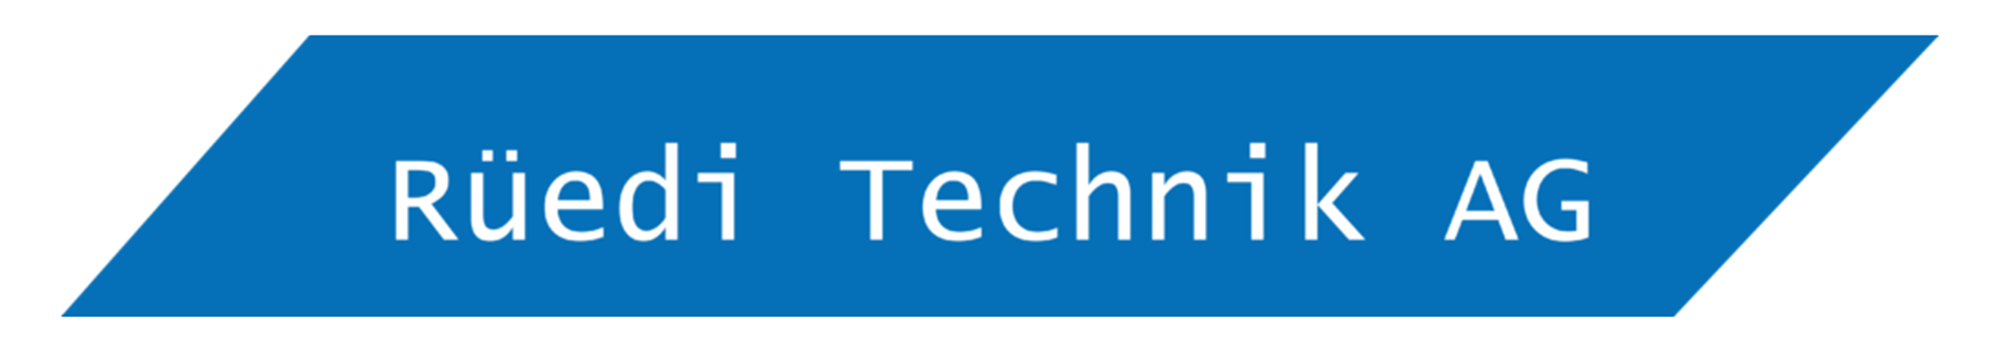 Rüedi Technik AG